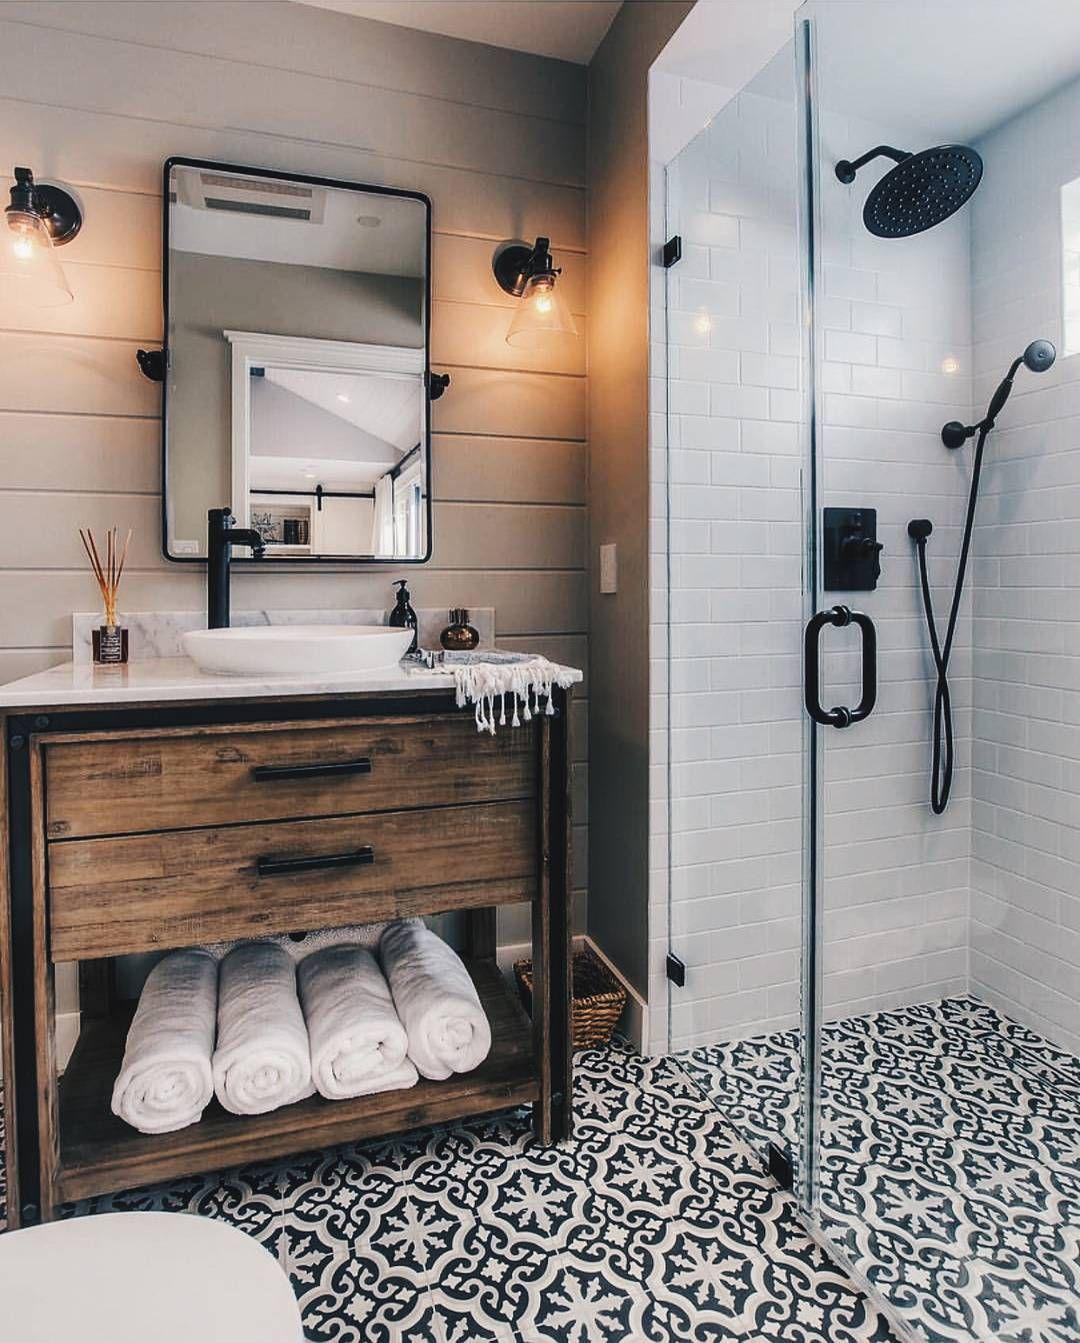 Badezimmer design weiß pin von sandra lorenz auf bad  pinterest  badezimmer bäder und wohnen